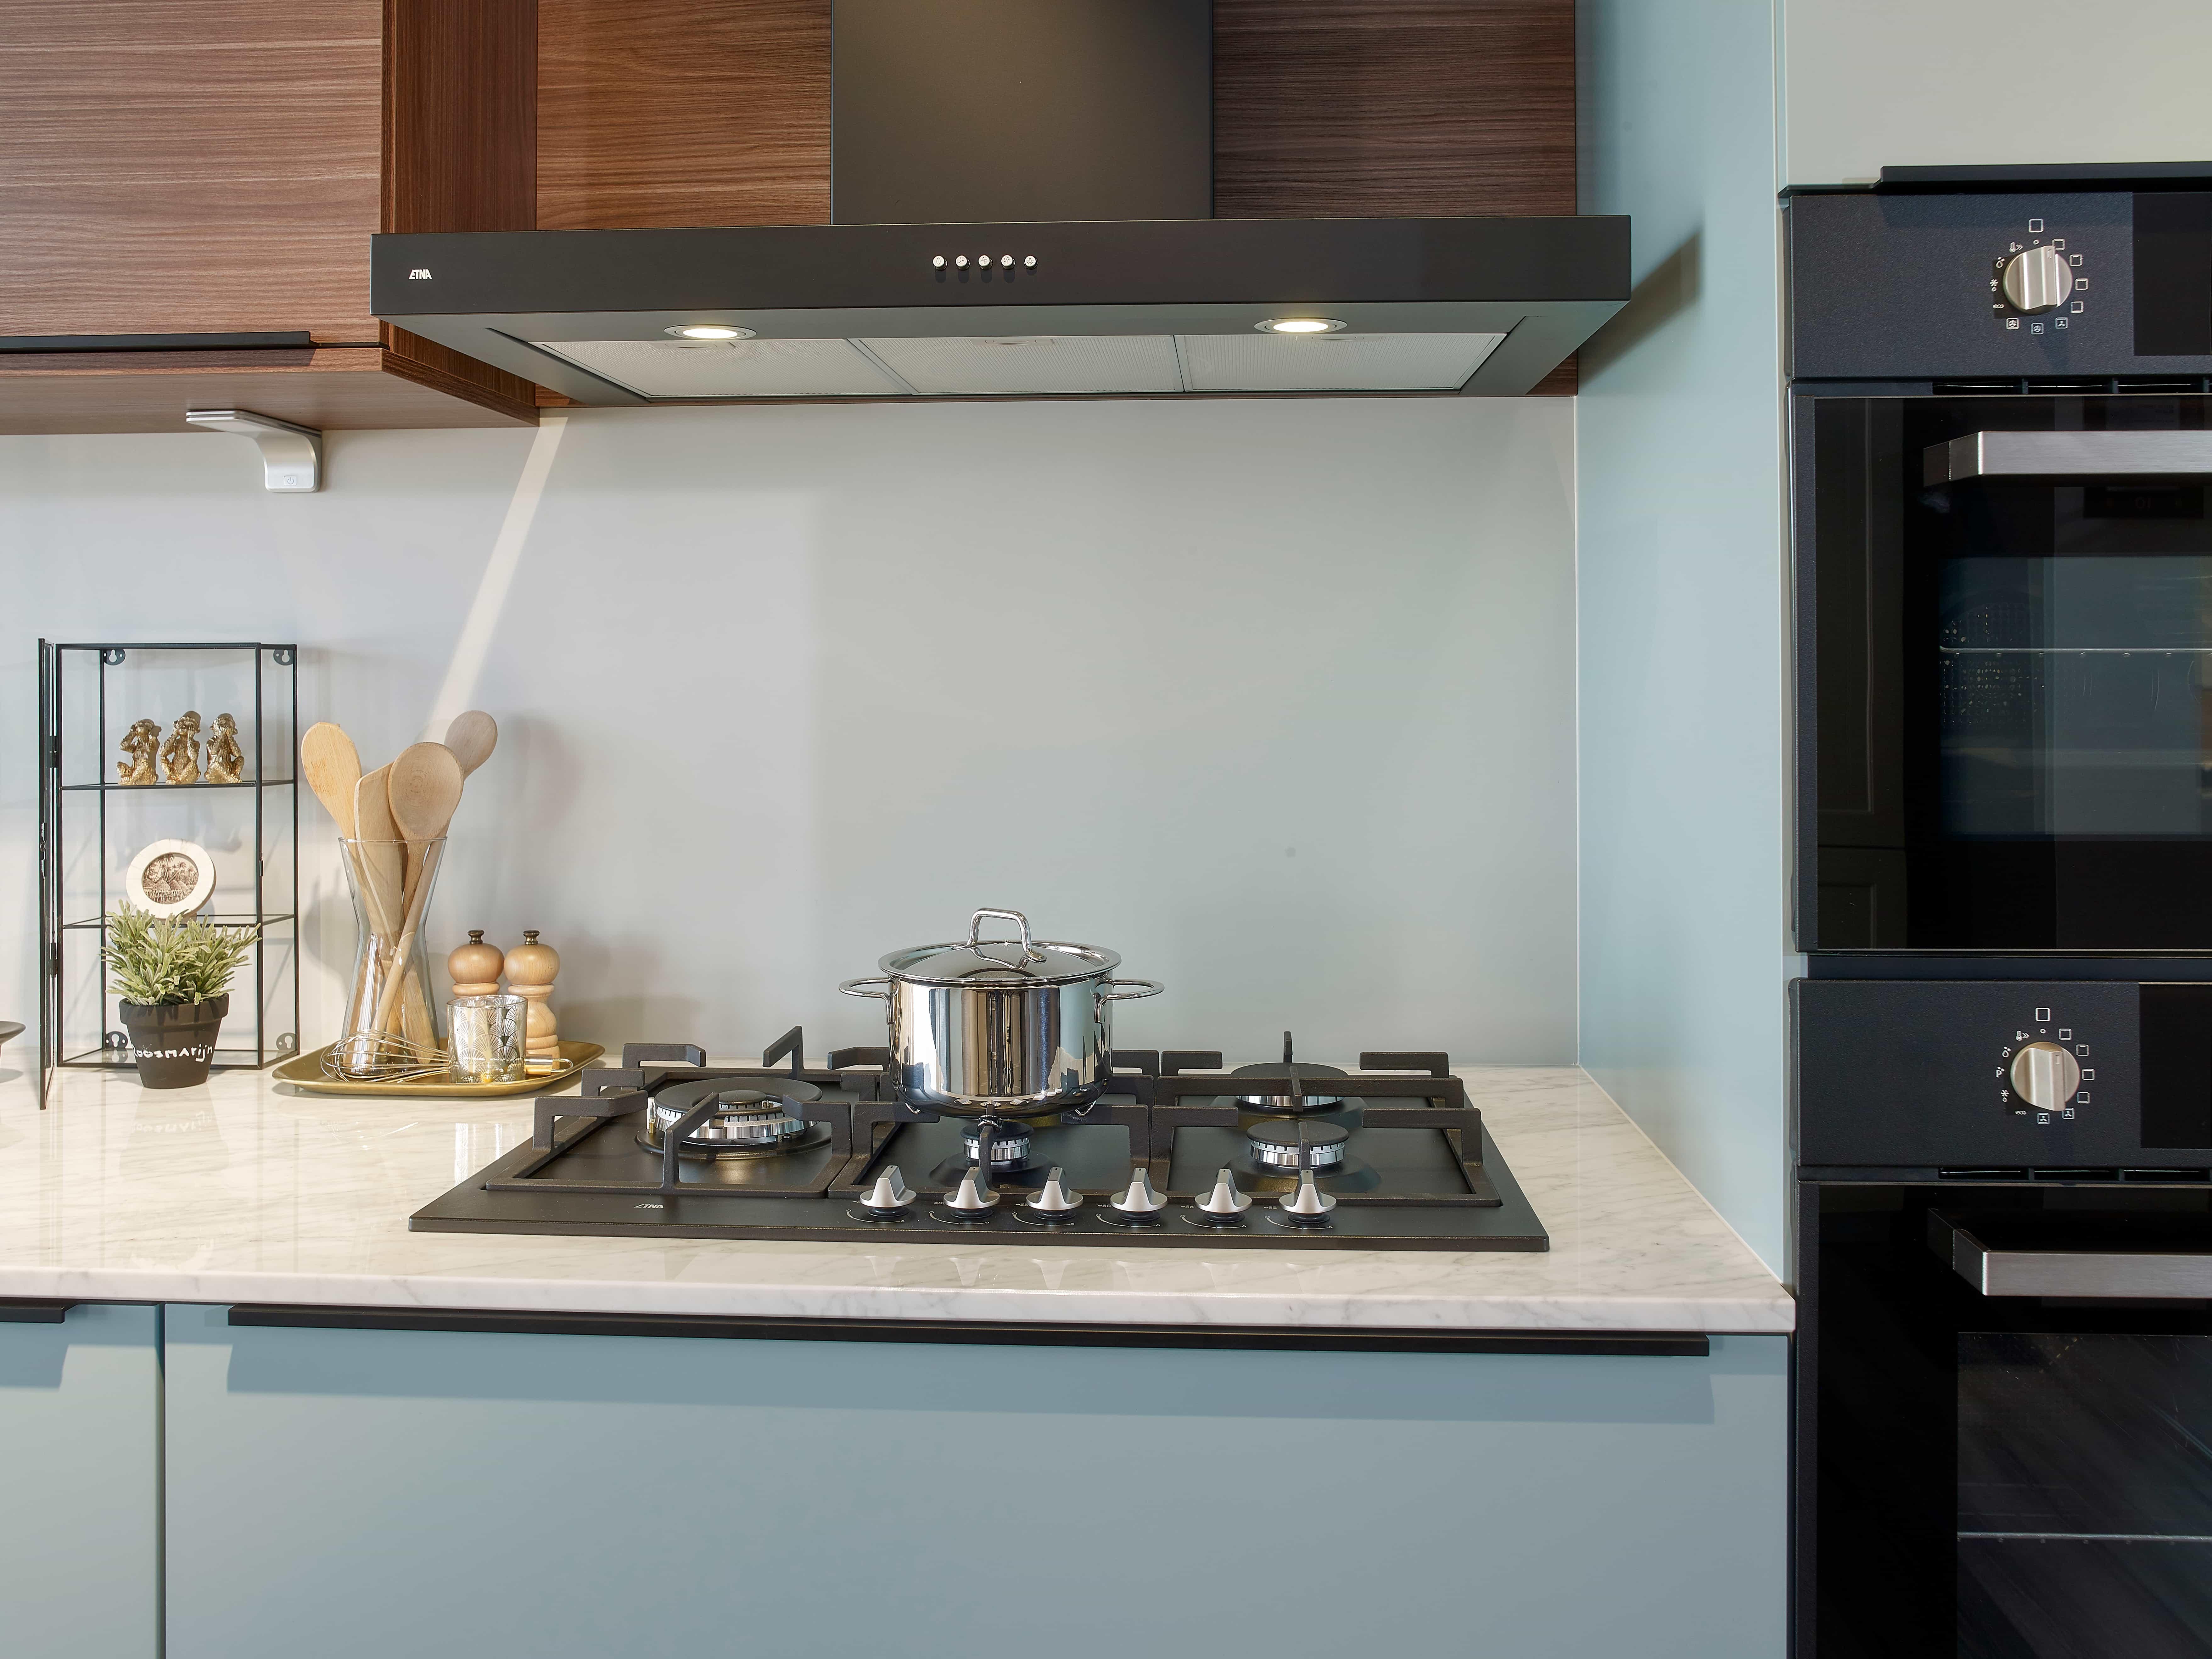 De voordelen van een natuursteen graniet keukenblad